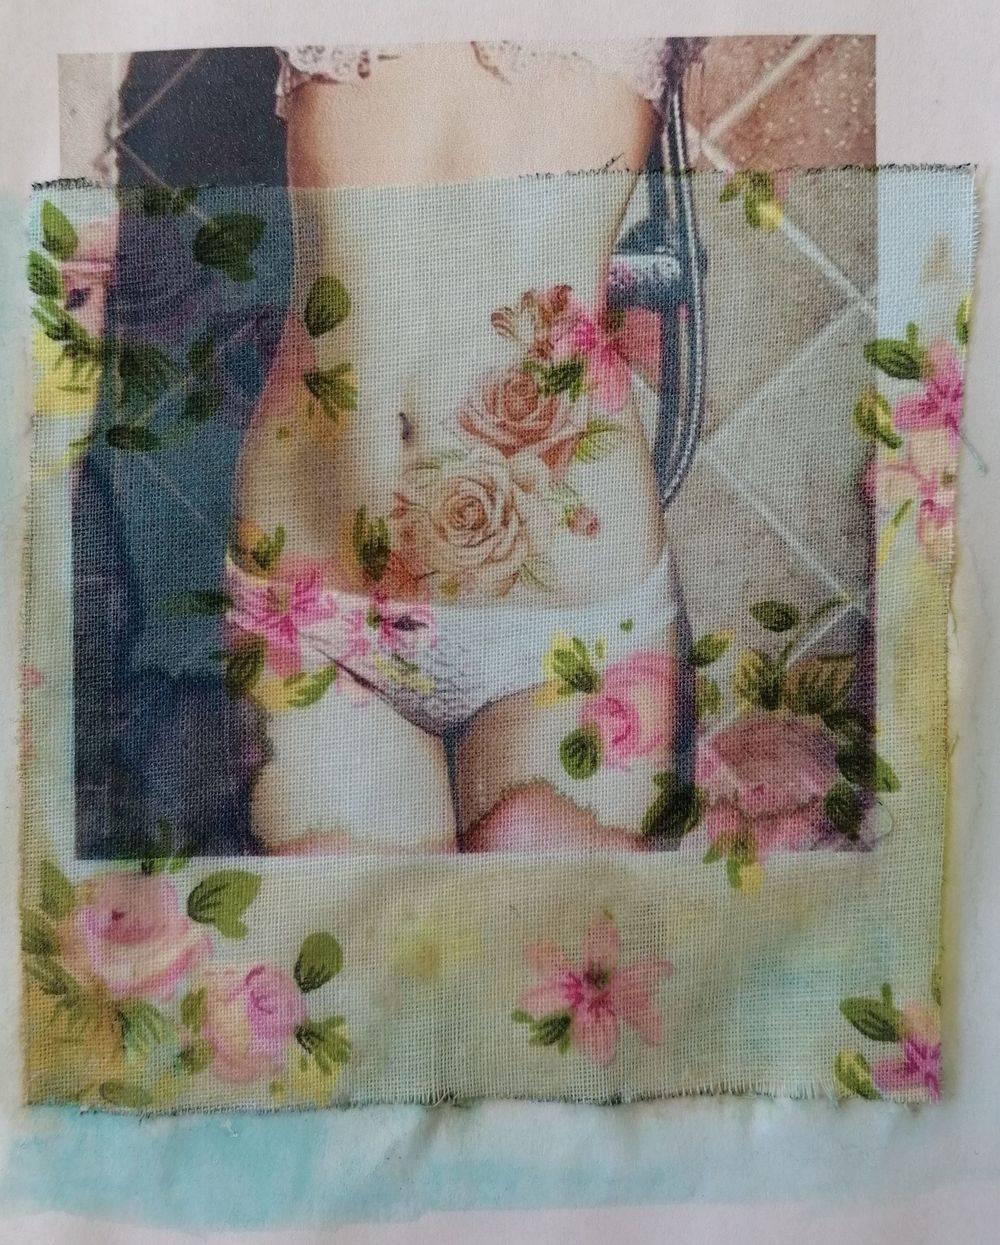 Aquarelle, Textile, Femme, Histoire de l'art